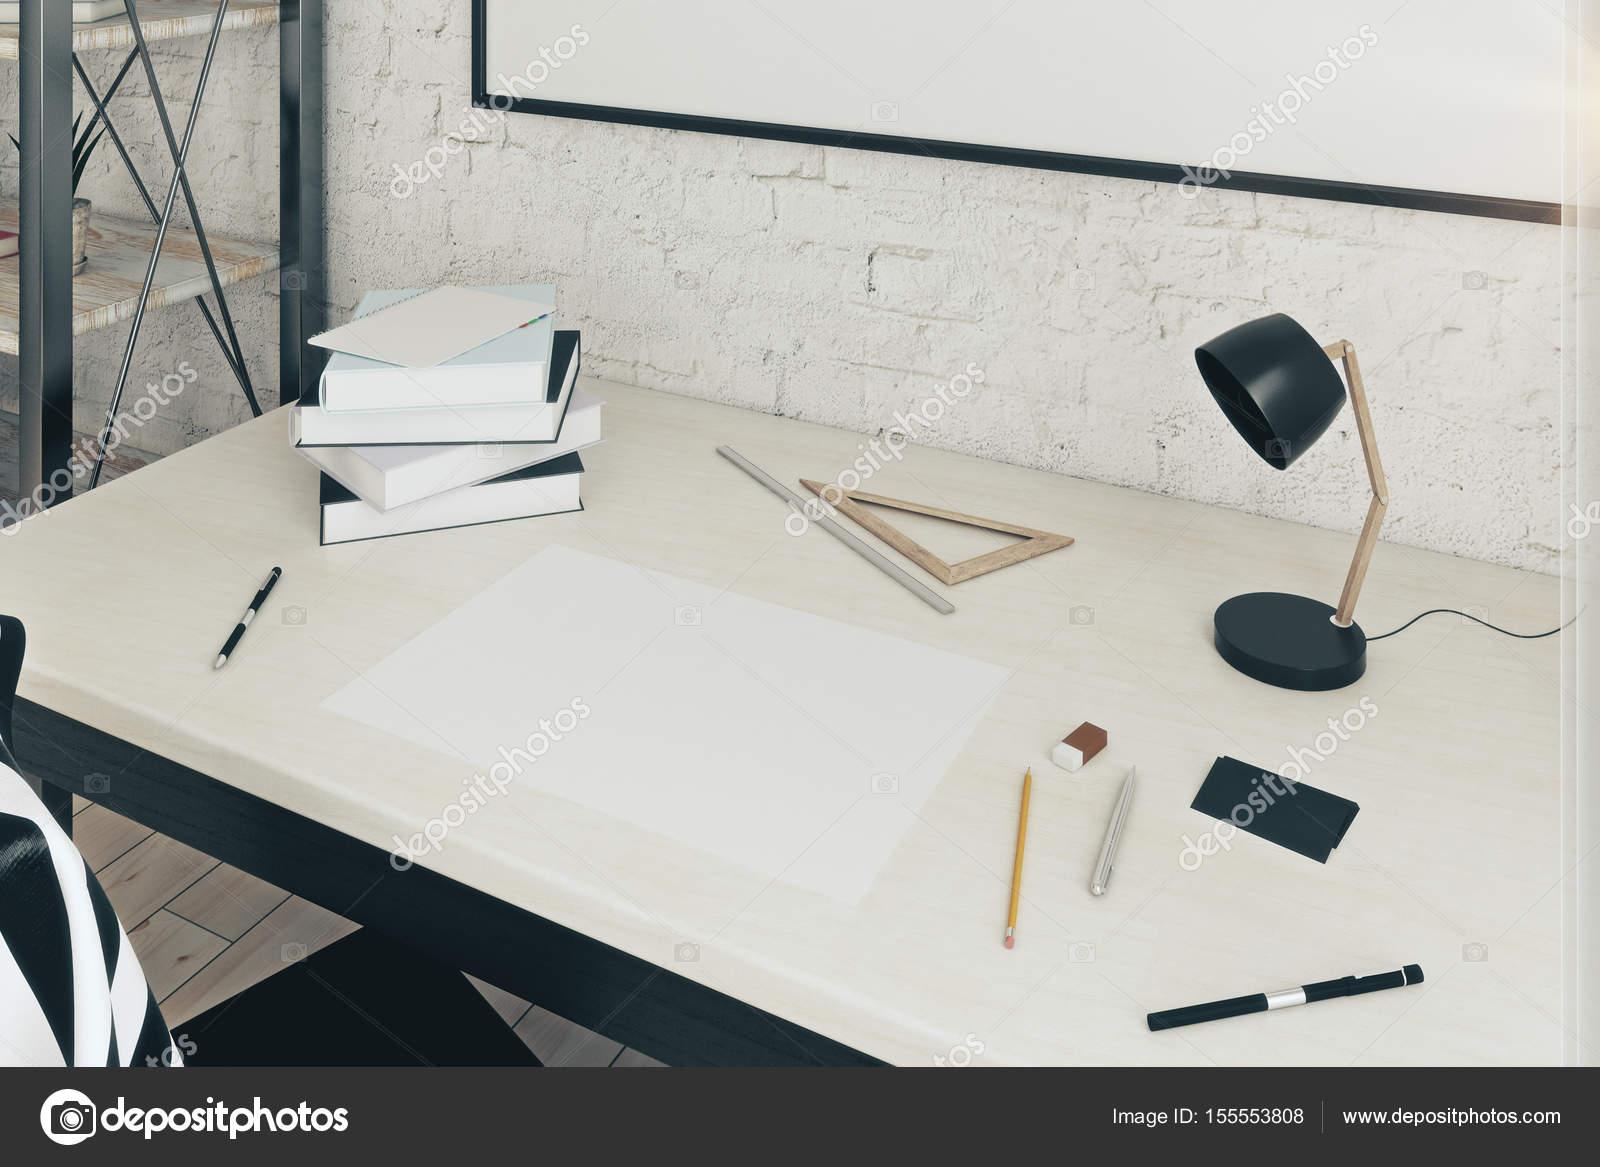 Lampade Da Tavolo Lavoro : Chiuda in su del posto di lavoro con il foglio di carta vuoto